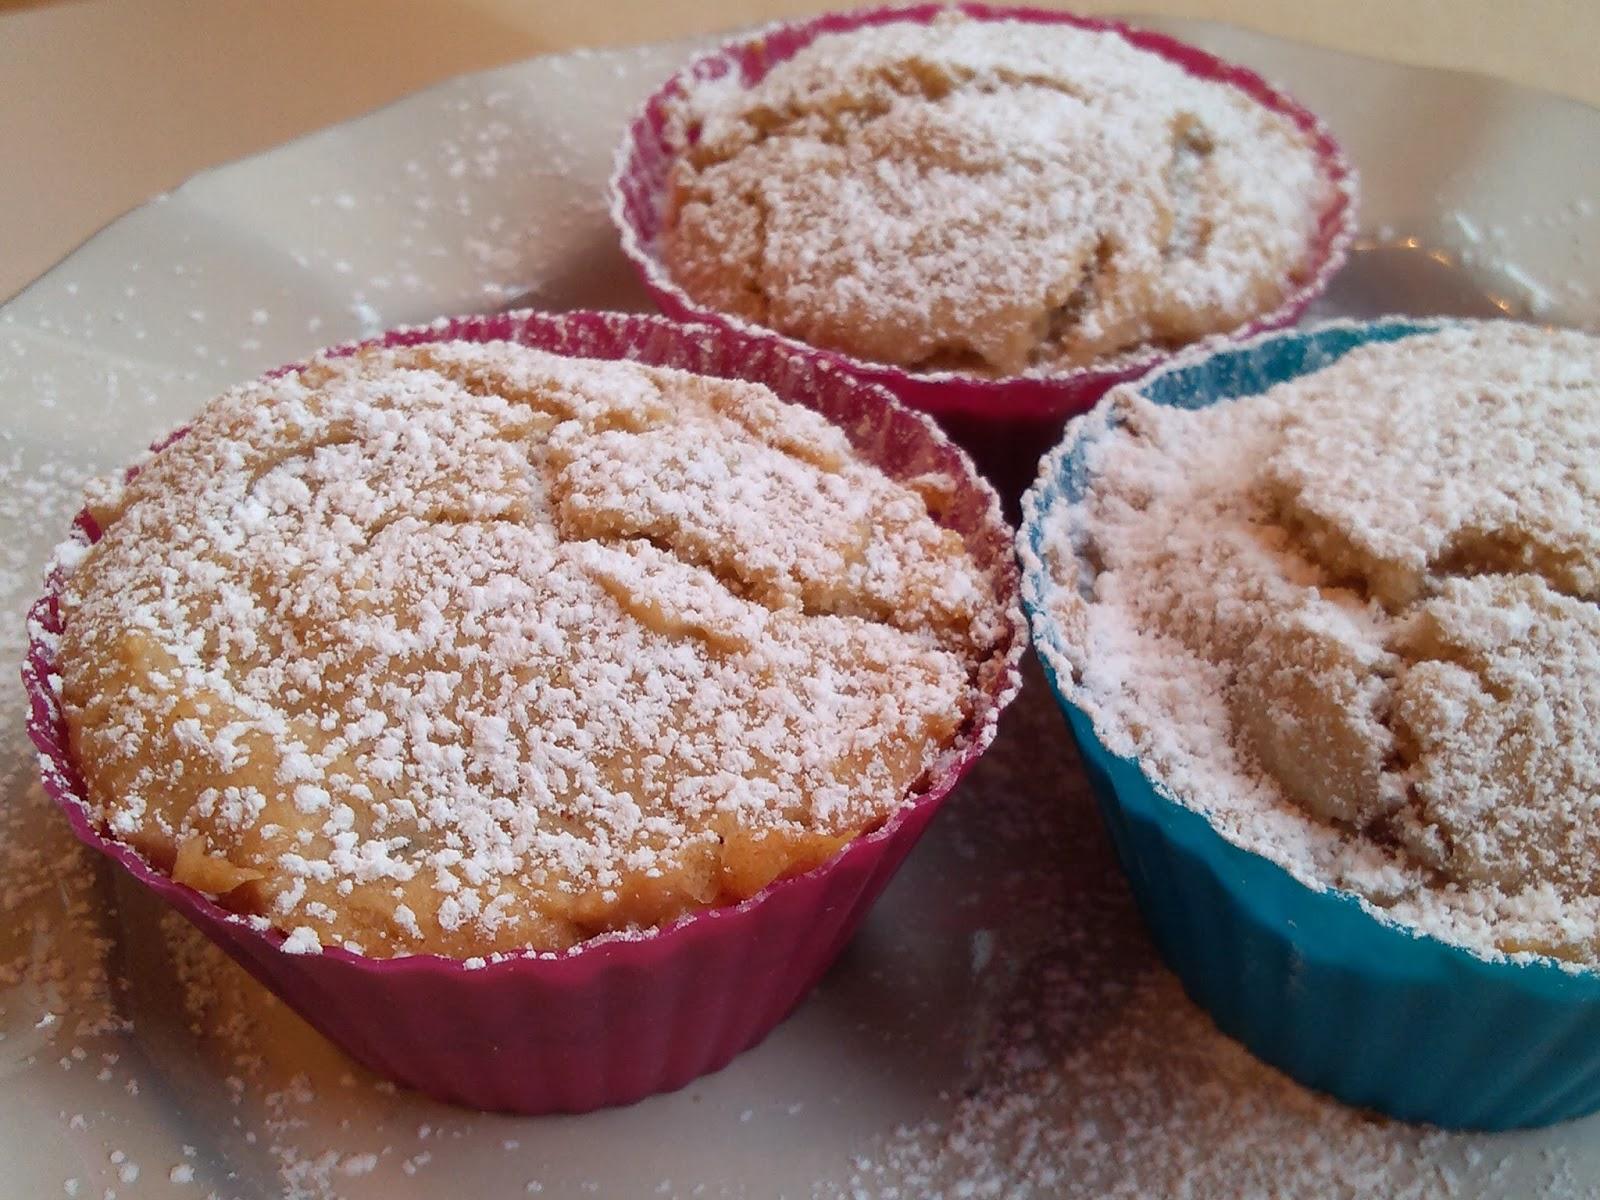 ... ...: Jelly Donut Muffins- Gluten Free & Vegan (Top 8 Allergen Free